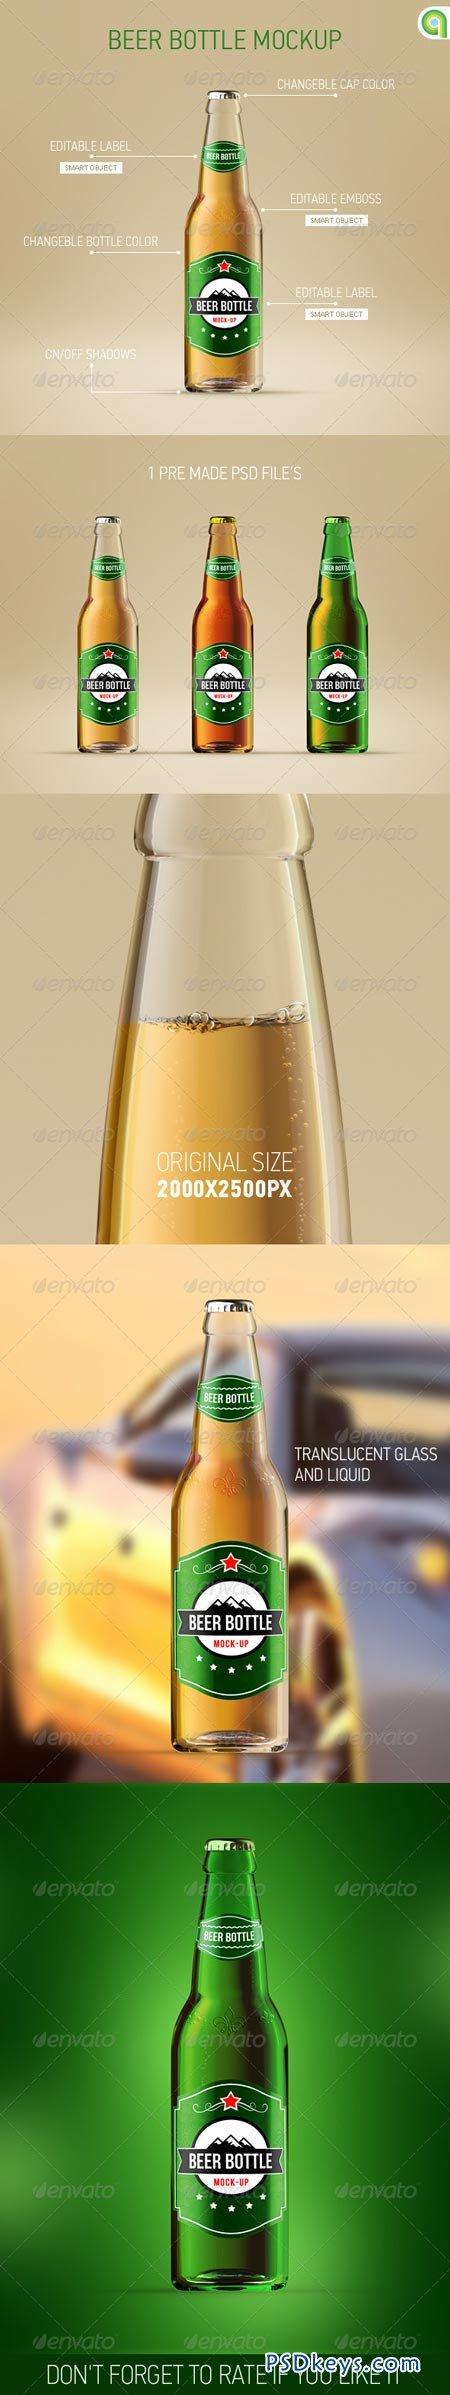 beer bottle mockup 7376175 free download photoshop vector stock image via torrent zippyshare. Black Bedroom Furniture Sets. Home Design Ideas